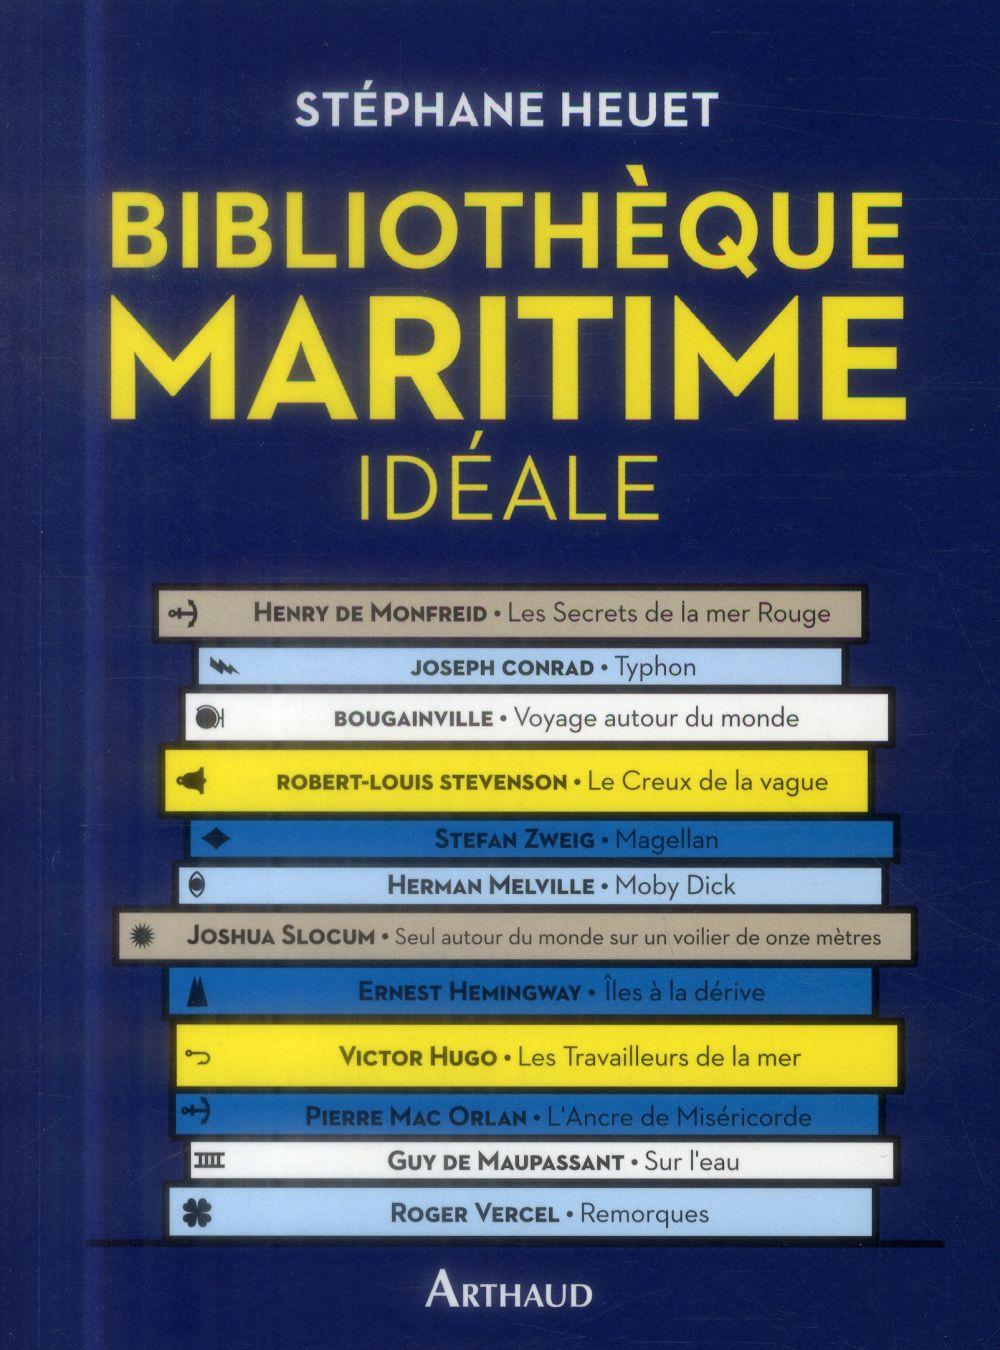 Bibilothèque maritime idéale